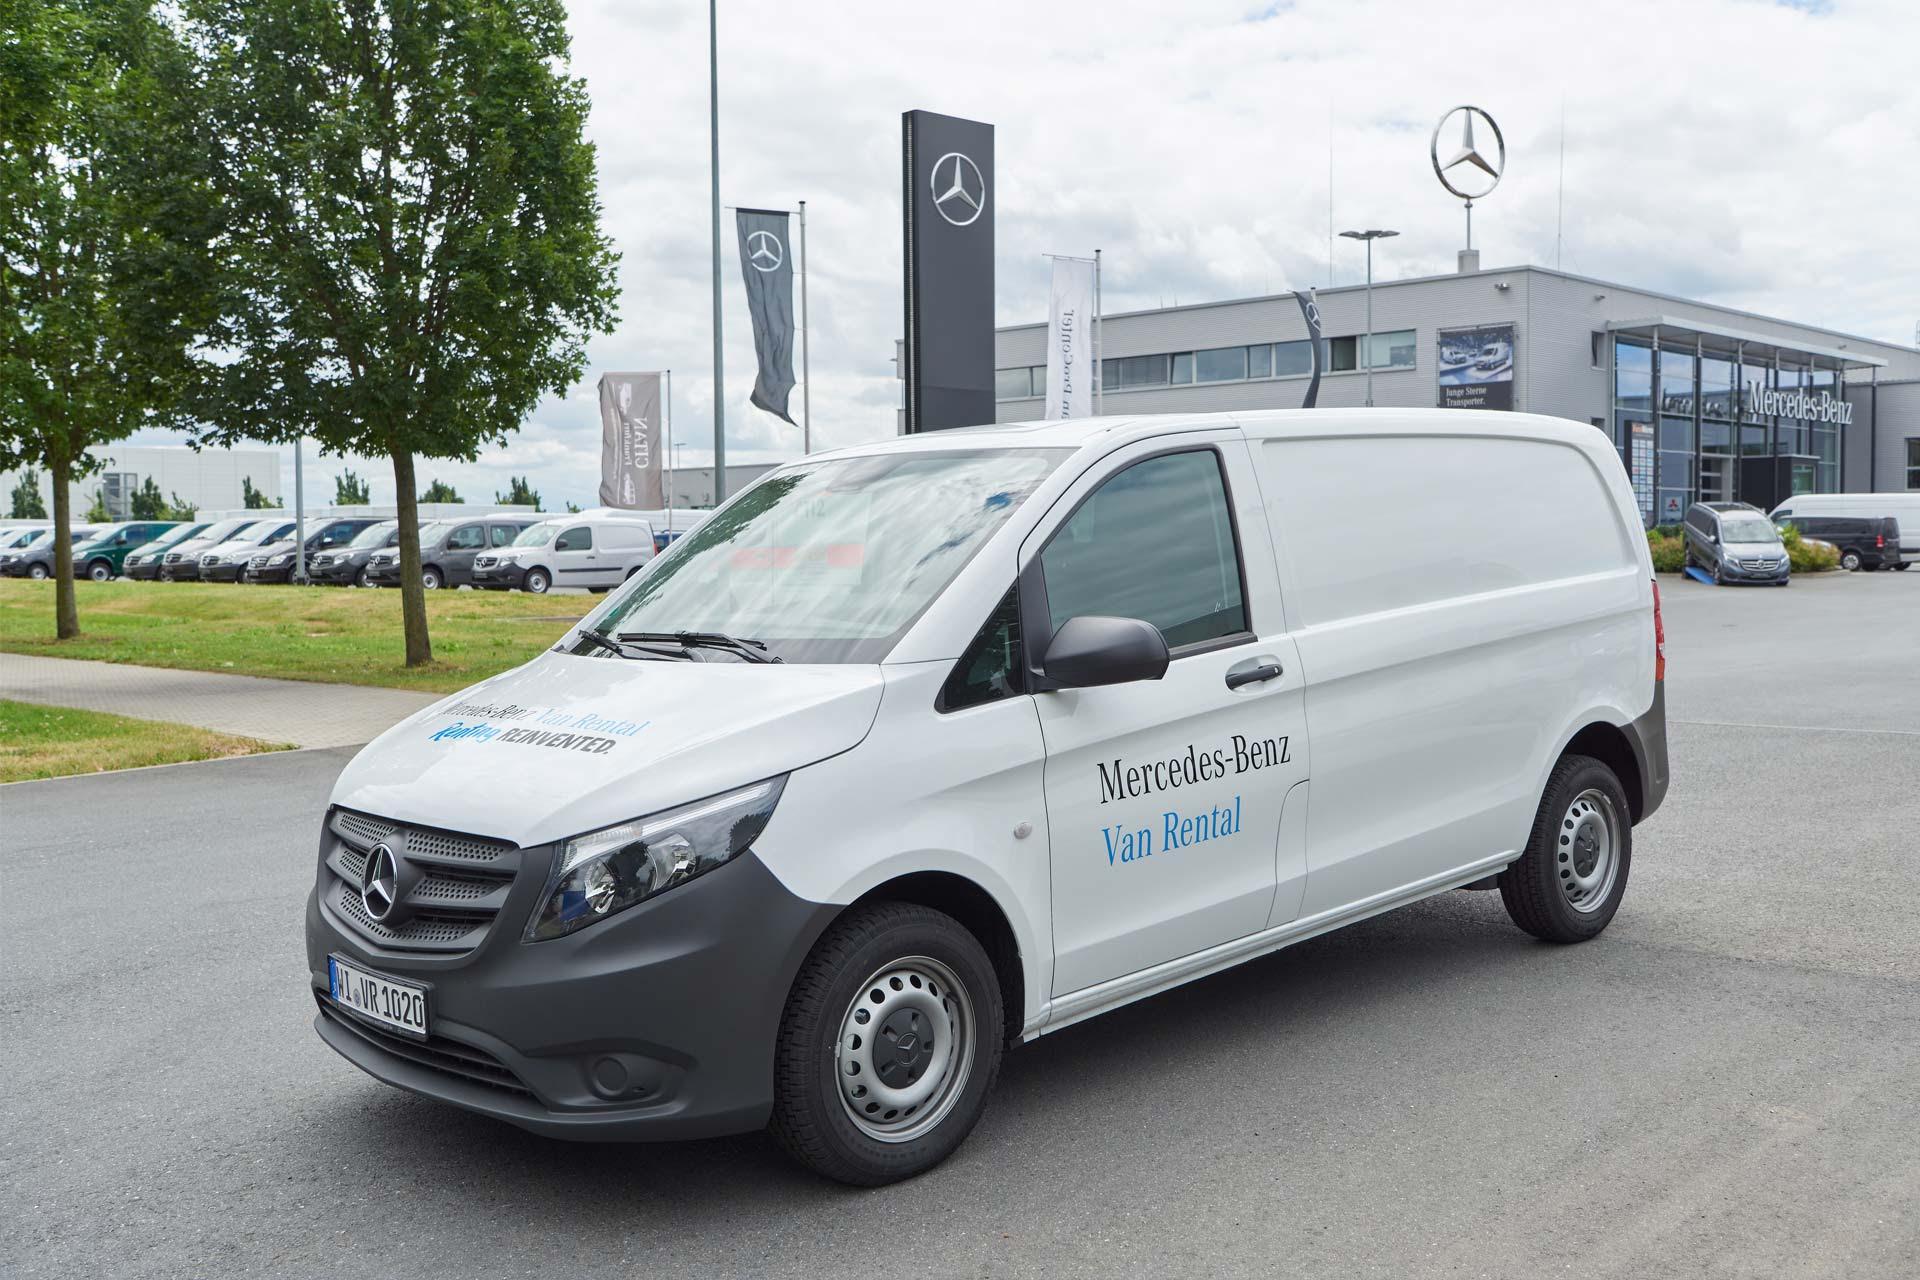 Mercedes-Benz launches Van Rental service in Germany ...